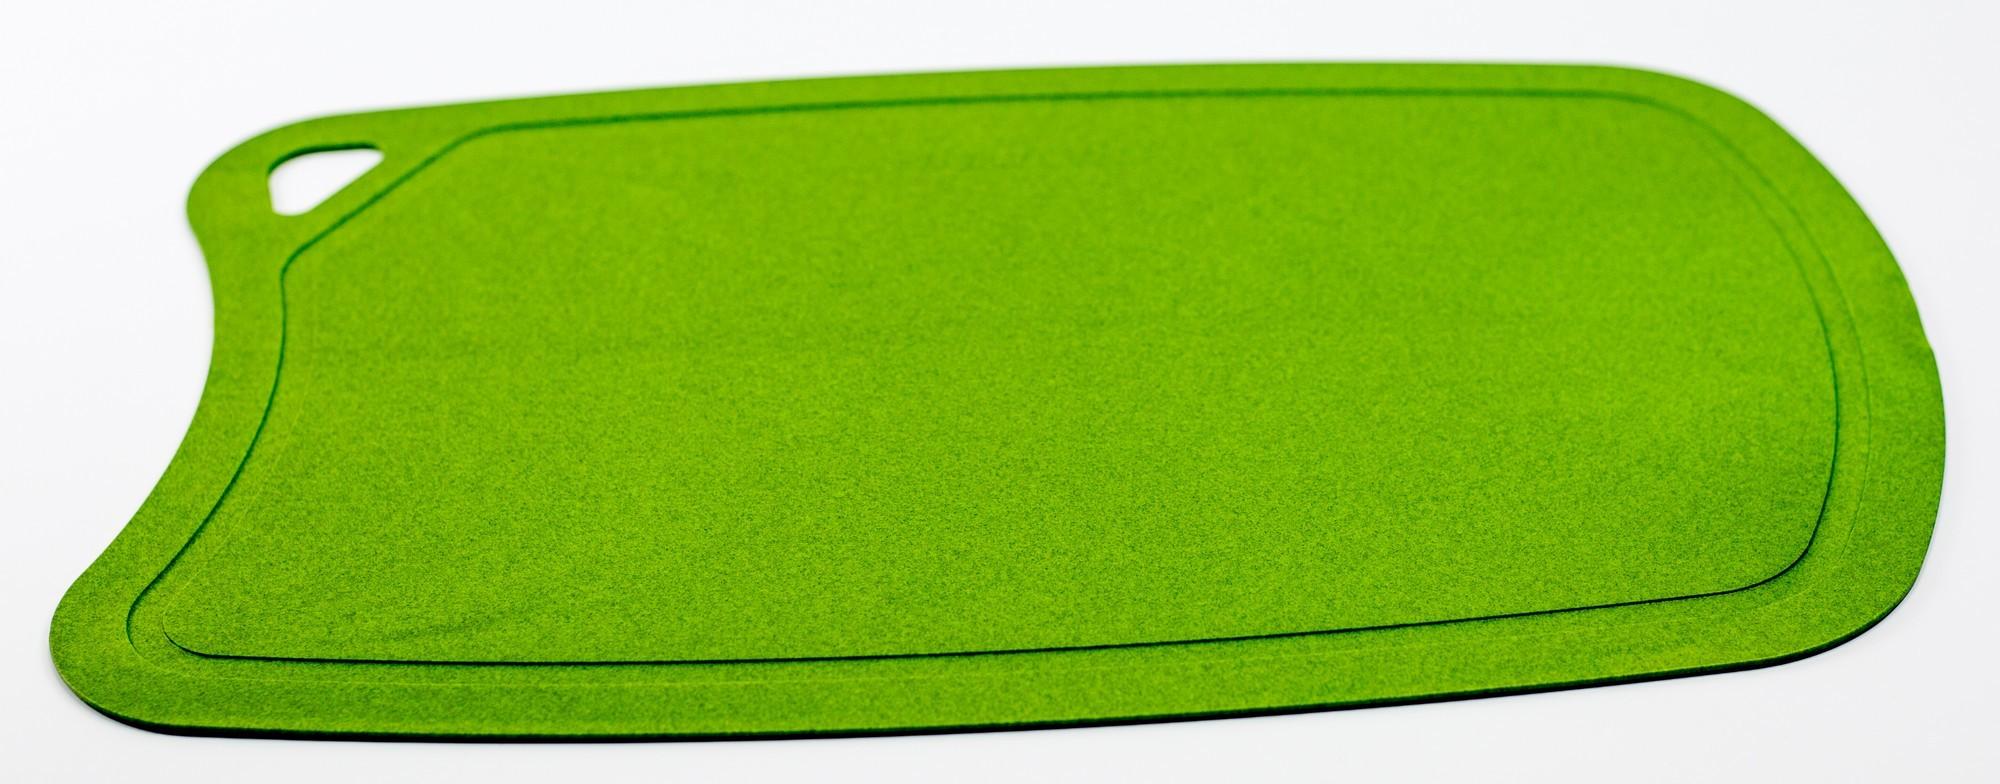 Доска разделочная BIOMAID угольная, термопластичный полиуретан, зеленая доска разделочная frybest md 1420 1